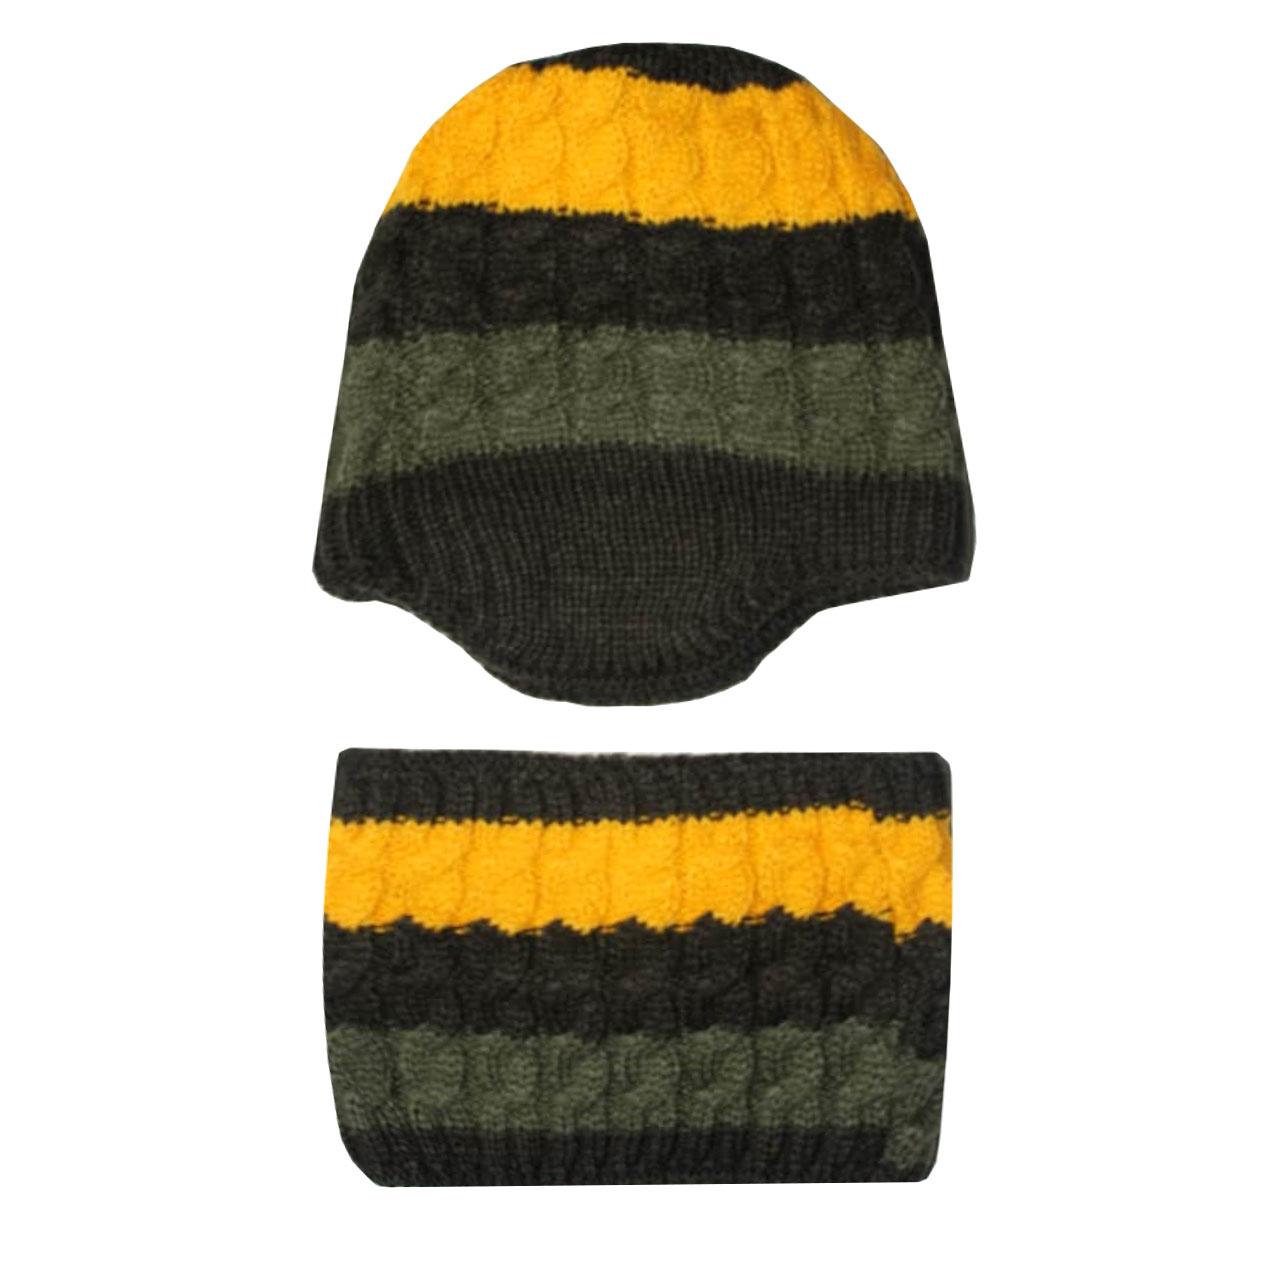 ست کلاه و شال گردن بافتنی مدل poro4